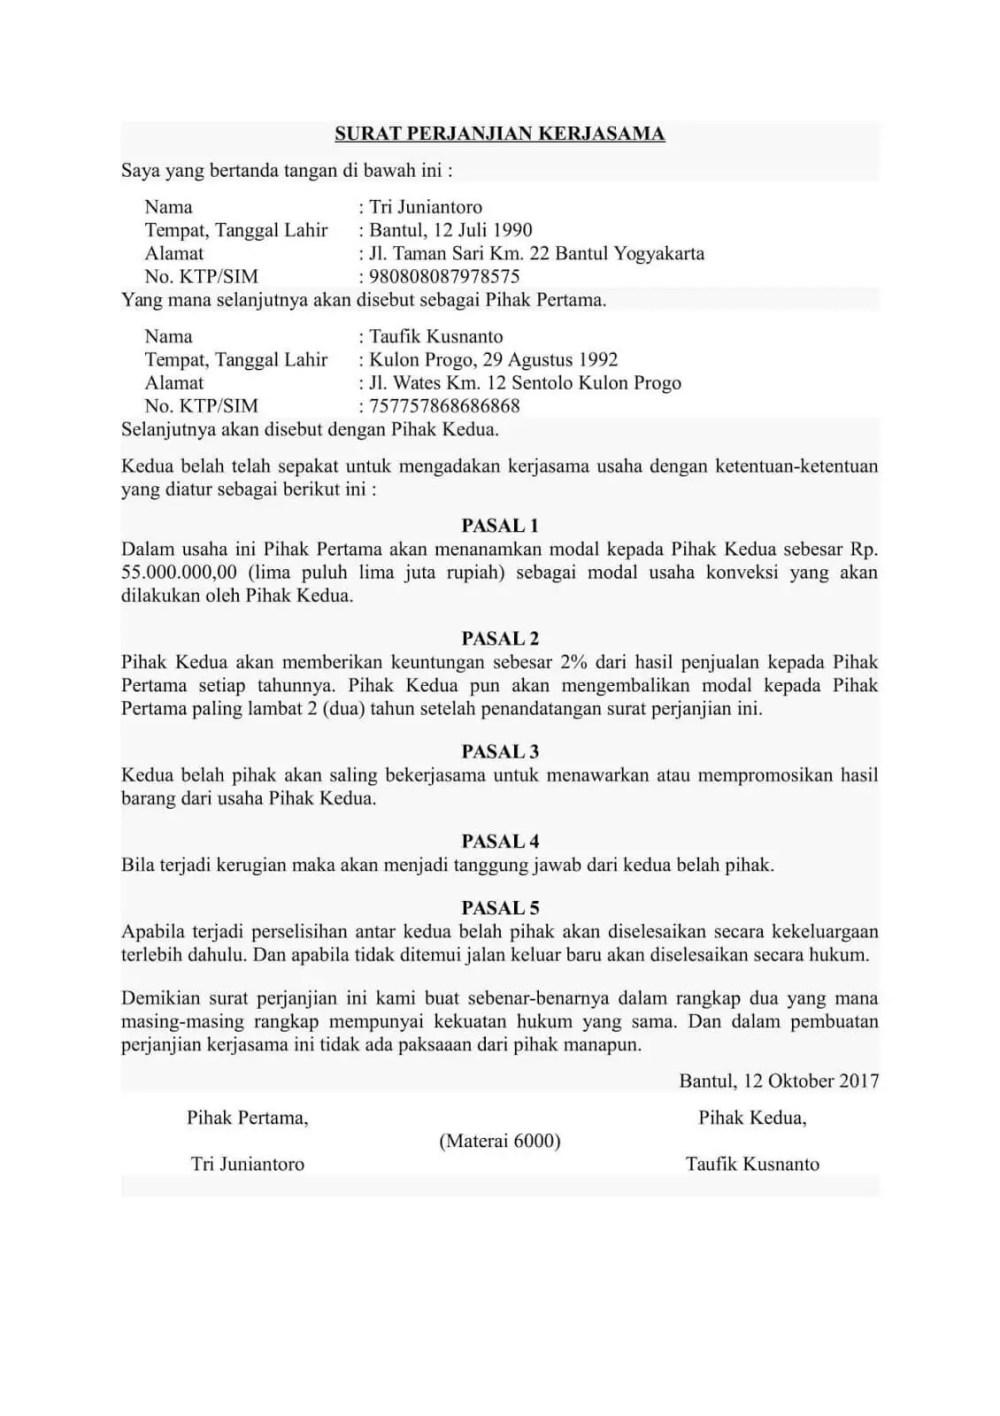 9. Contoh Surat Perjanjian Kerjasama Usaha 3 Orang